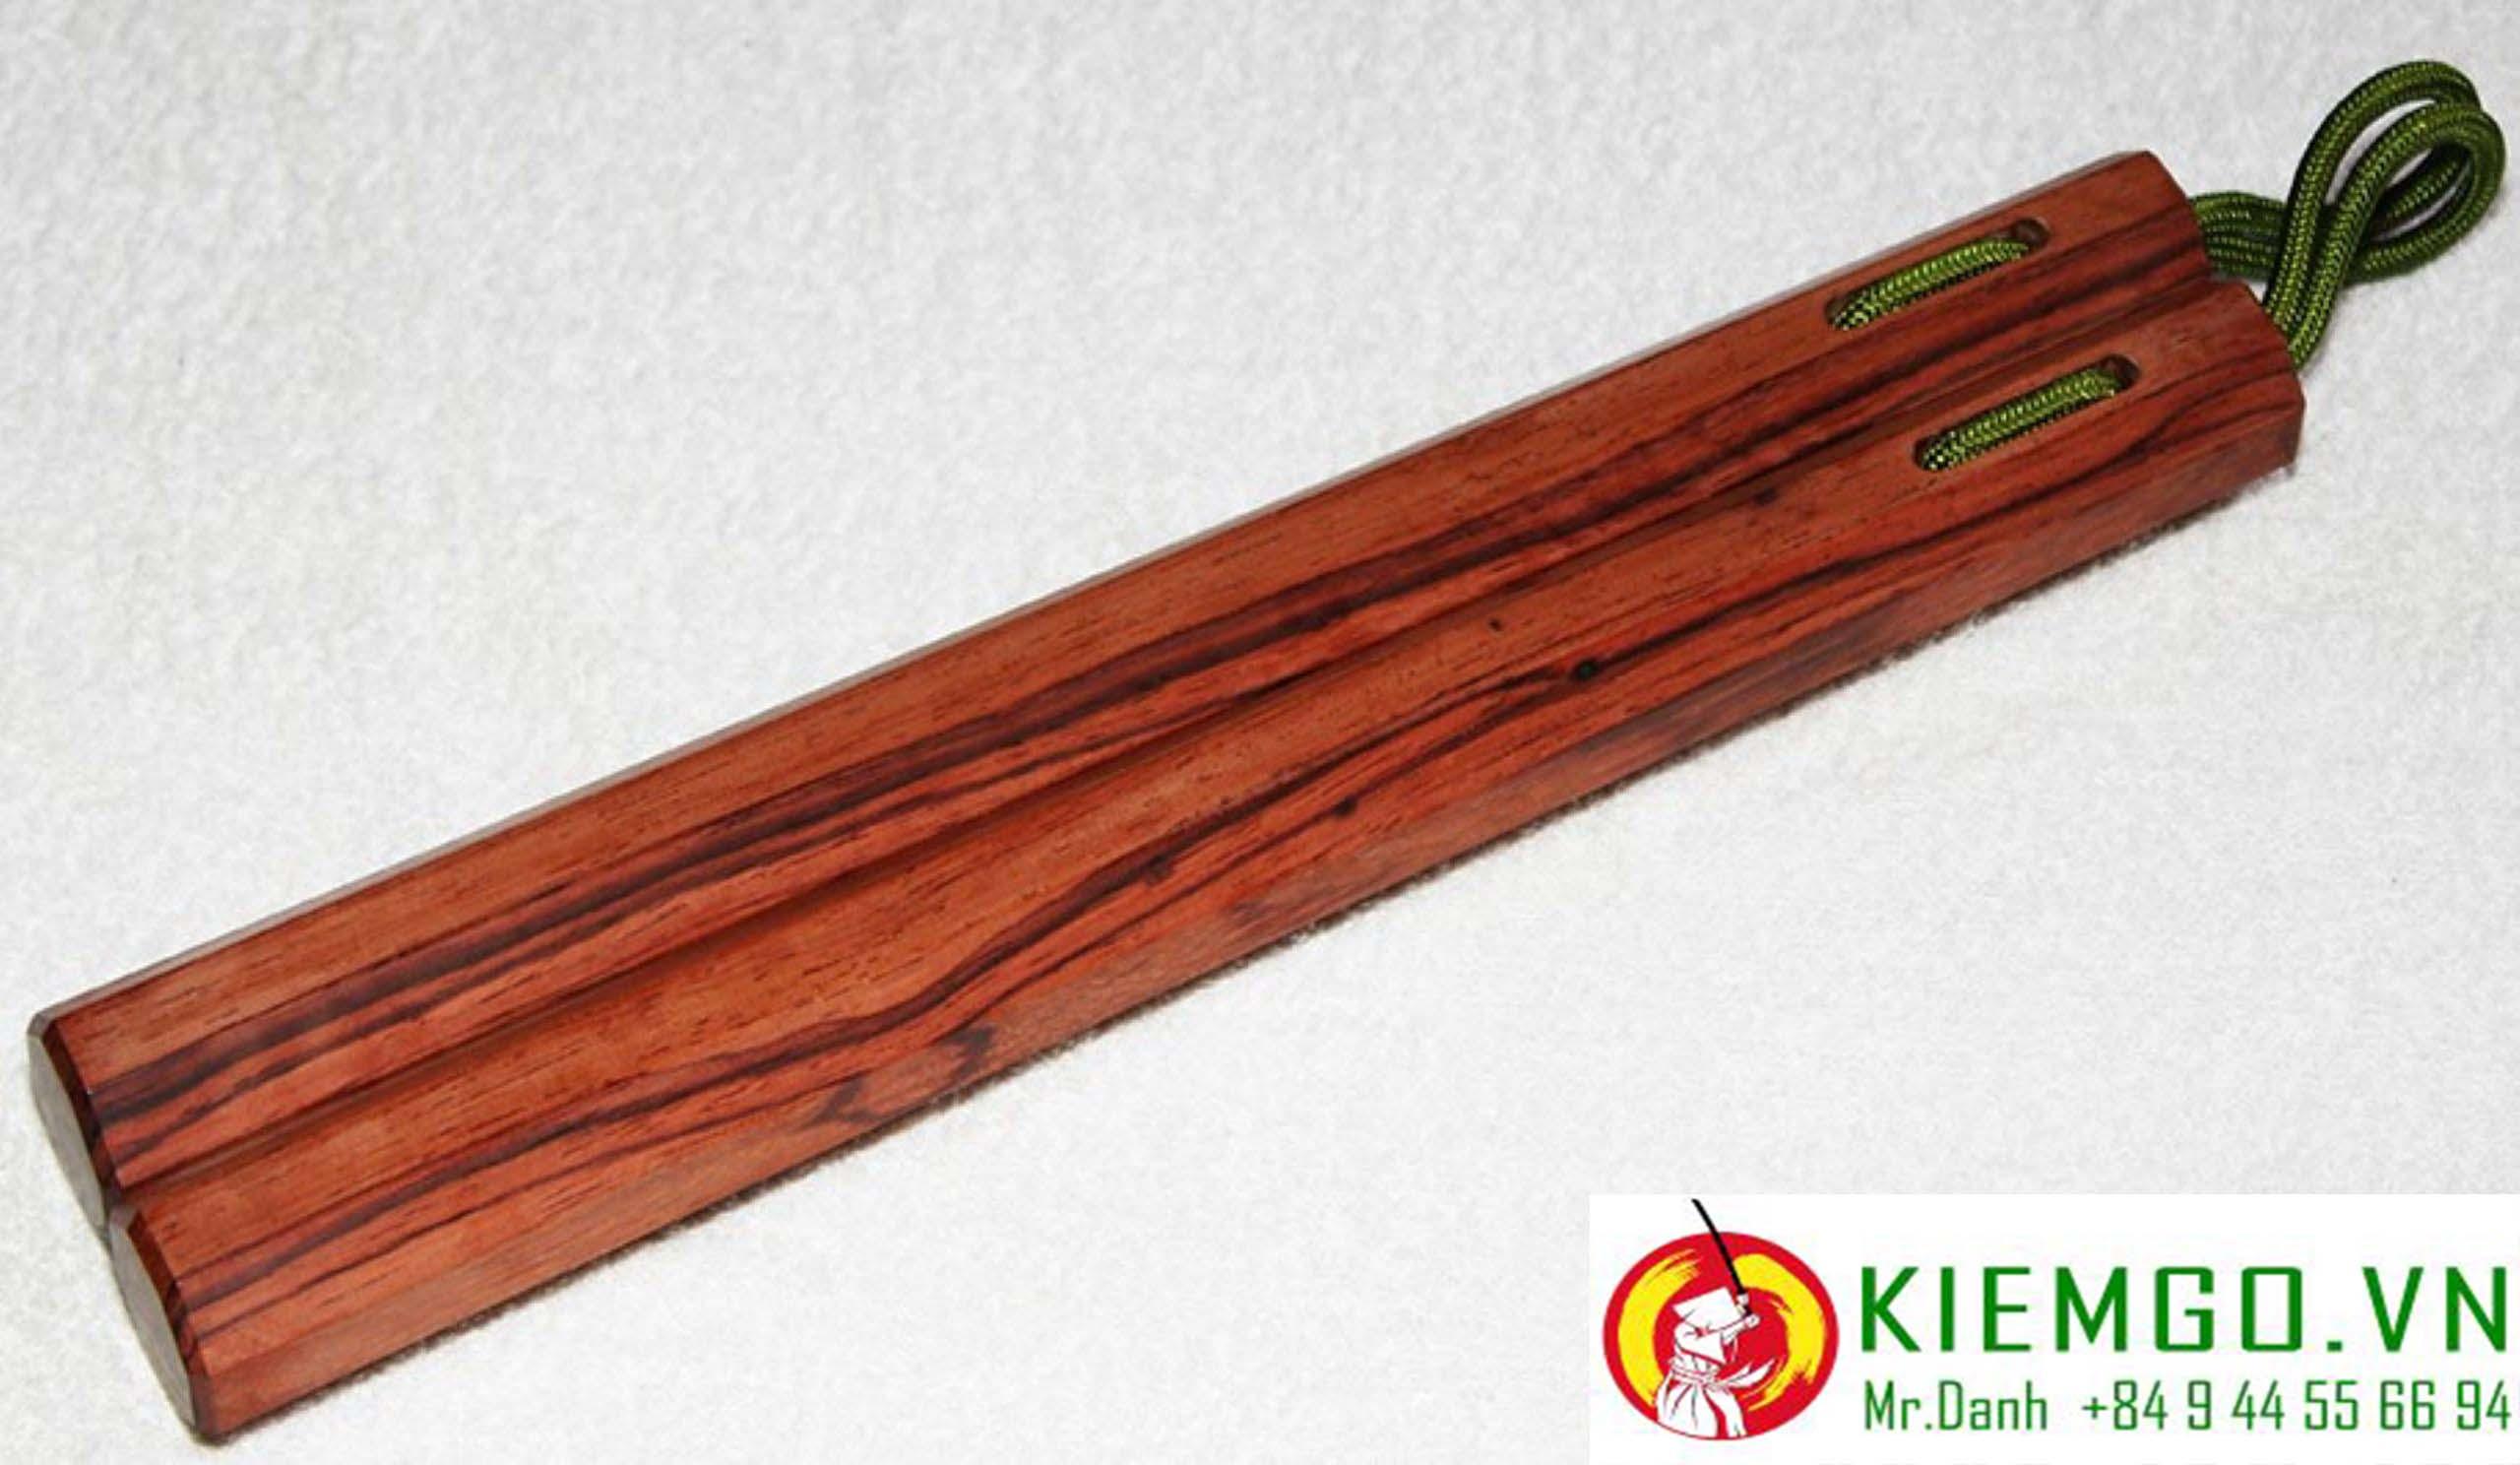 con-nhi-khuc-go-cam-loan là dòng côn gỗ quý, côn gỗ rất dẻo dai và chắc chắn, chịu va đập tốt, vân gỗ đẹp, thớ gỗ thẳng, màu nâu đỏ đặc sắc, và mùi thơm của gỗ cẩm lai, gia công chuẩn đều các cạnh, dây dù chắc chắn